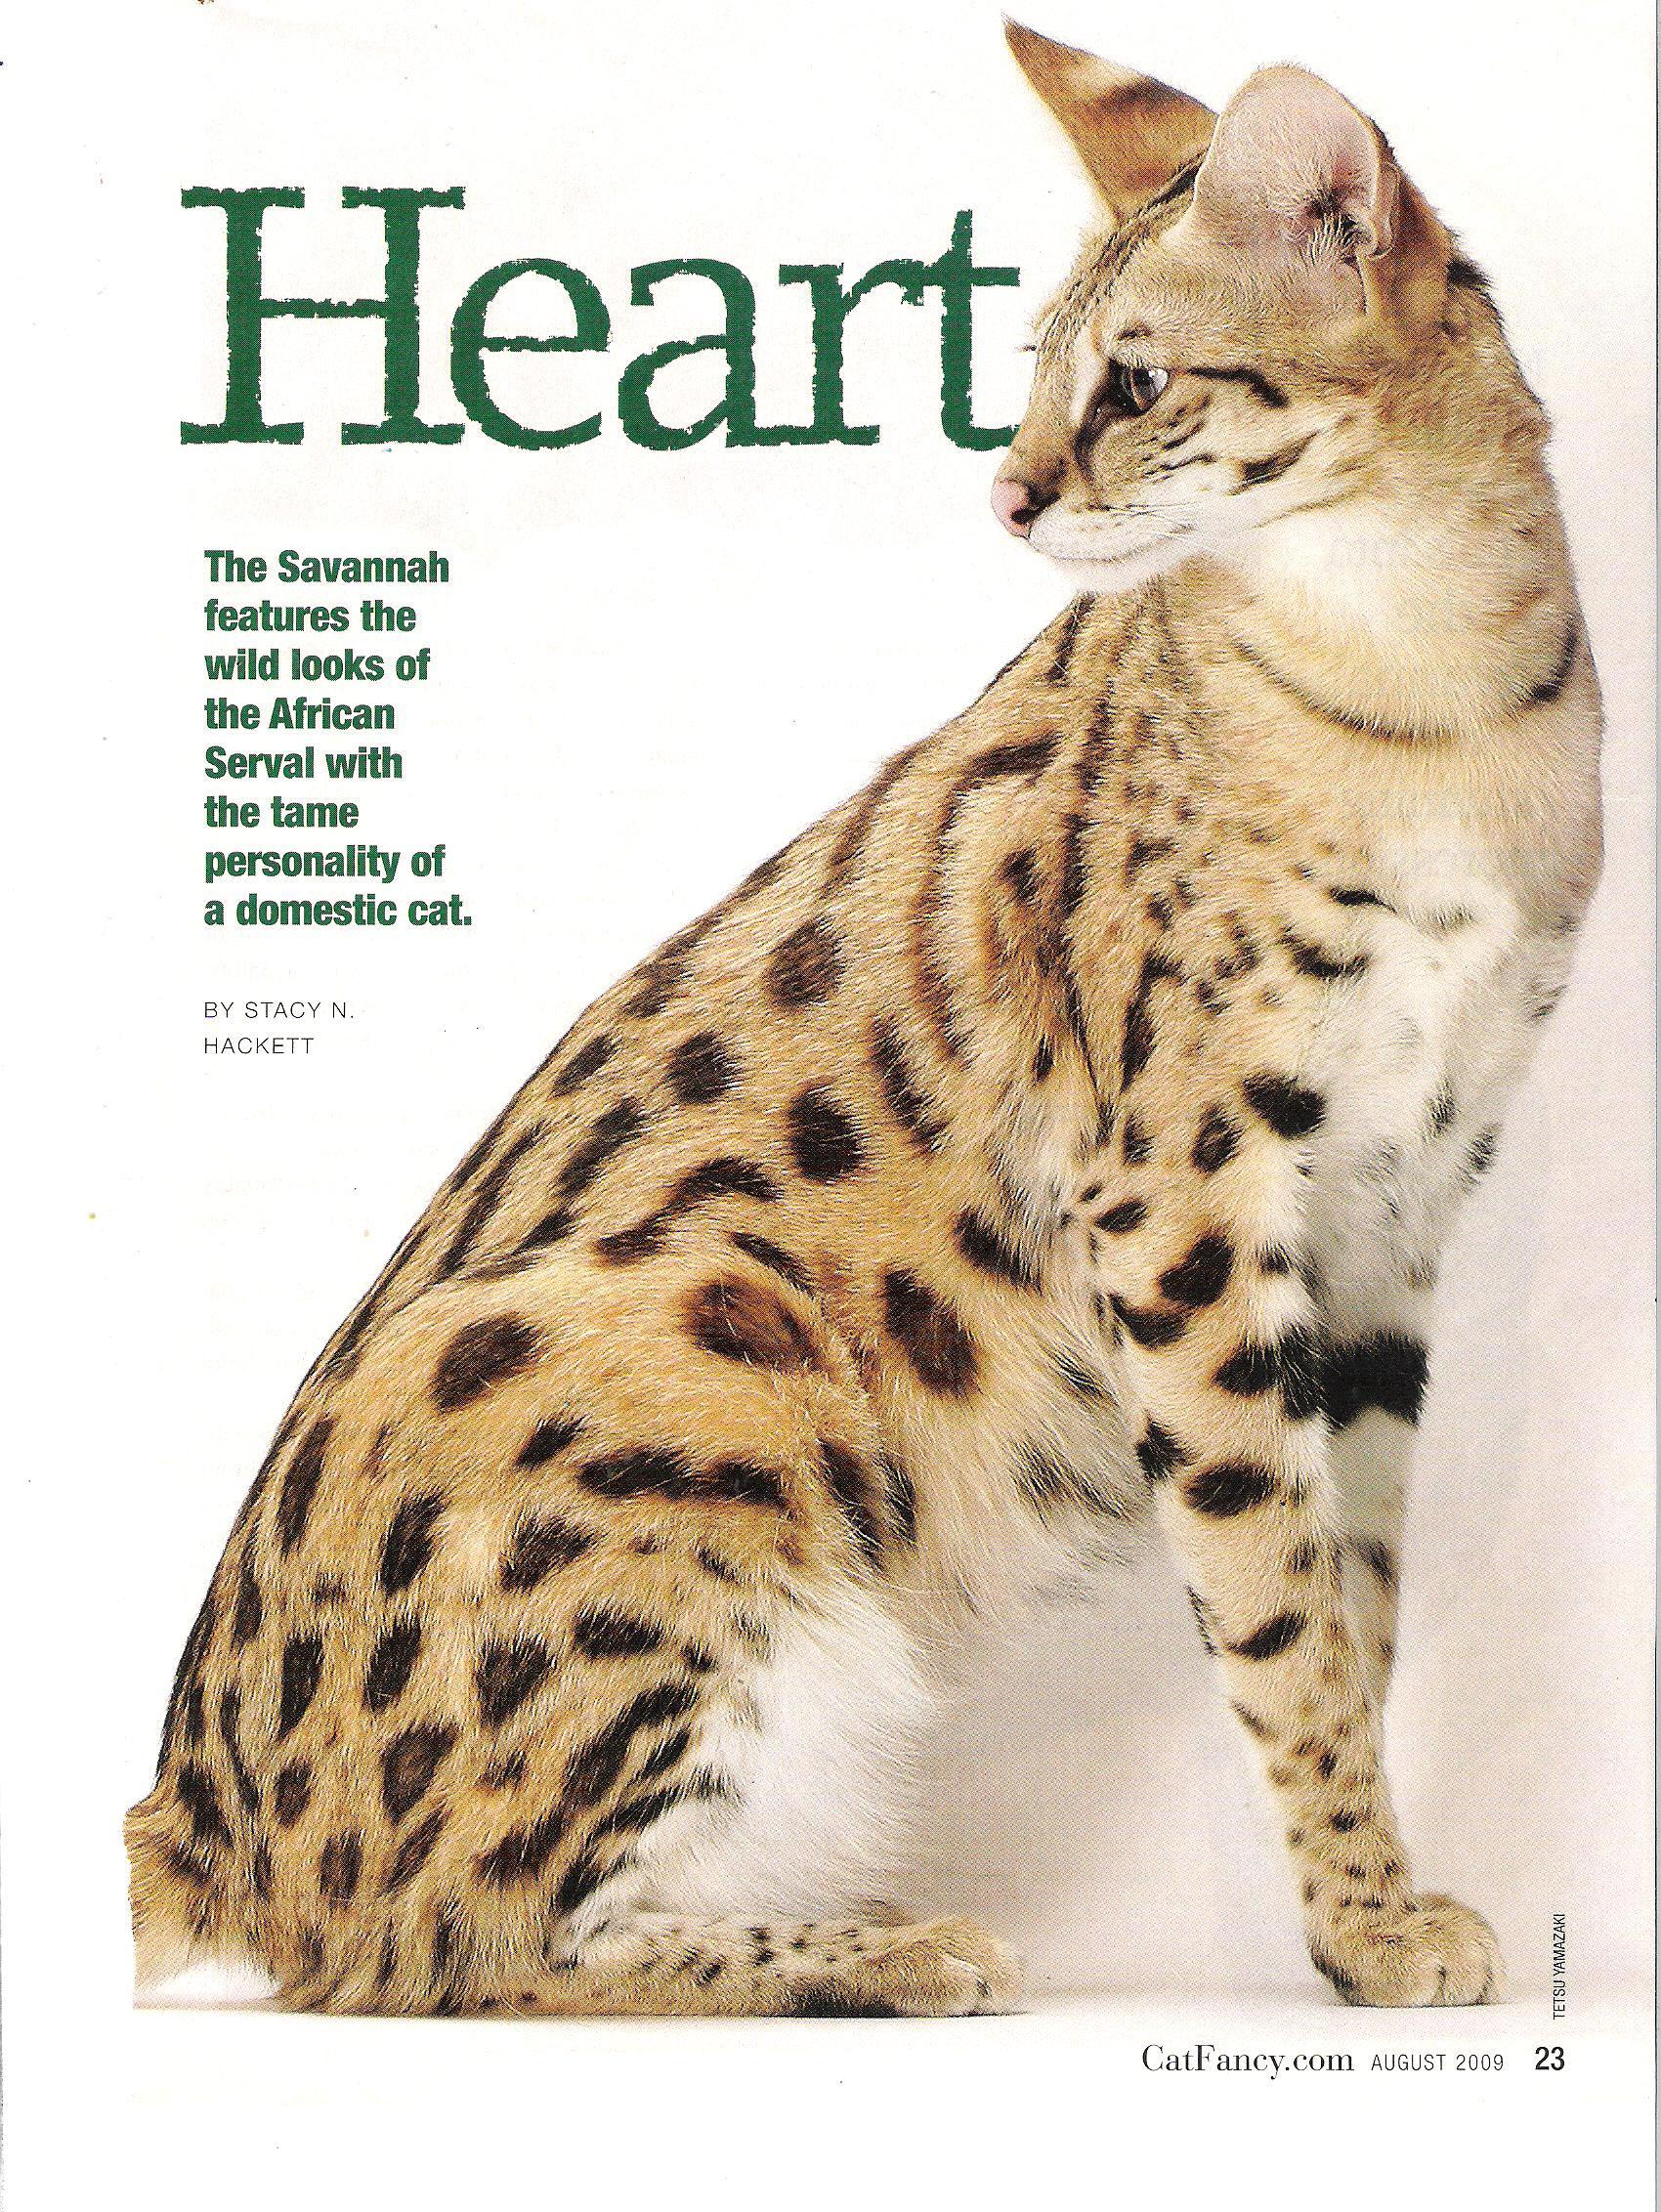 2009 Cat Fancy article about A1Savannahs page 2